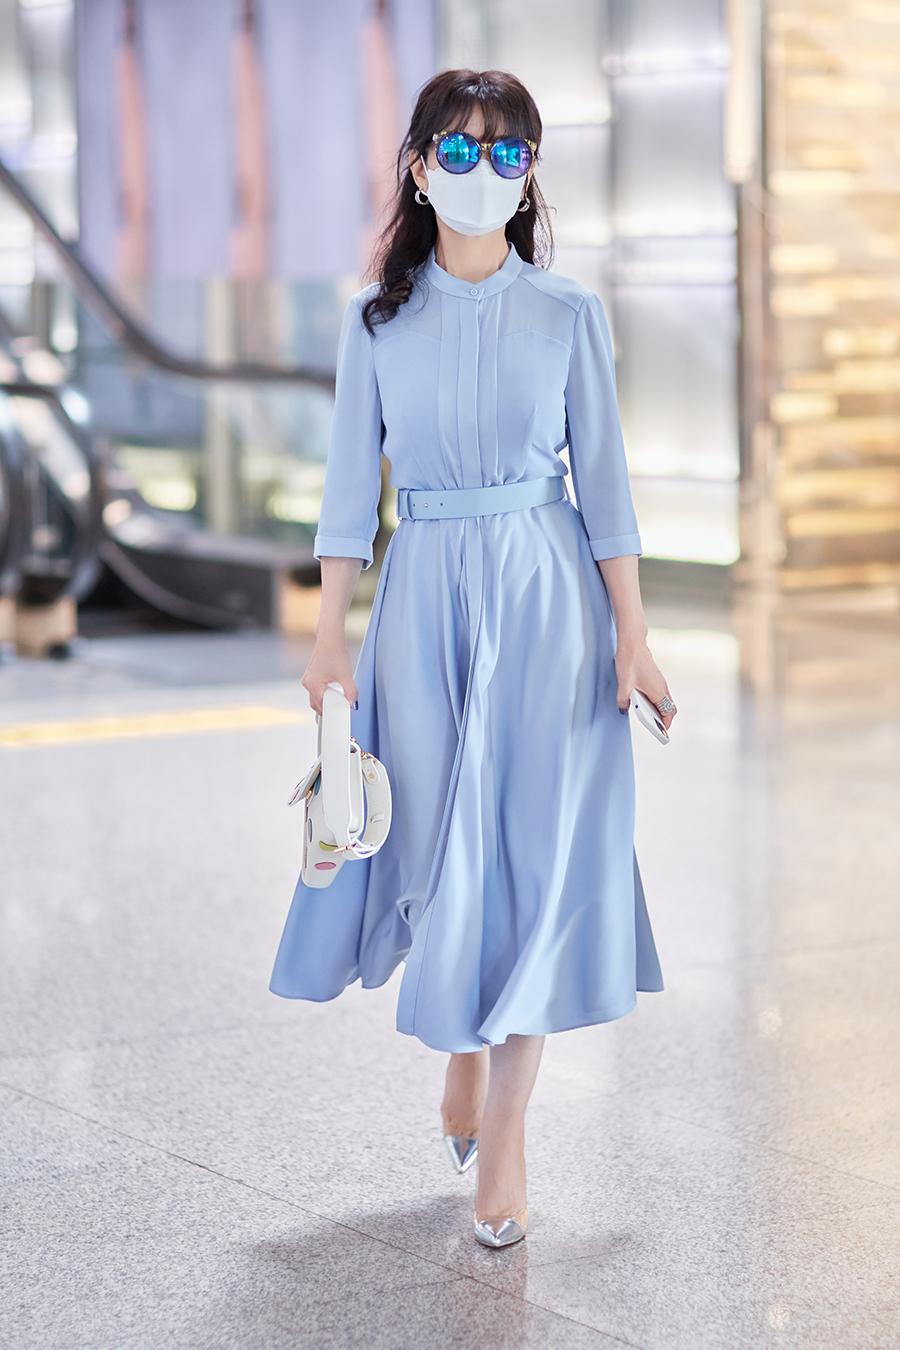 Trang Ifeng nhận xét Triệu Nhã Chi toát vẻ thanh lịch và vẫn tôn được vóc dáng khi diện các bộ đầm dài quá đầu gối, tạo điểm nhấn ở phần eo.